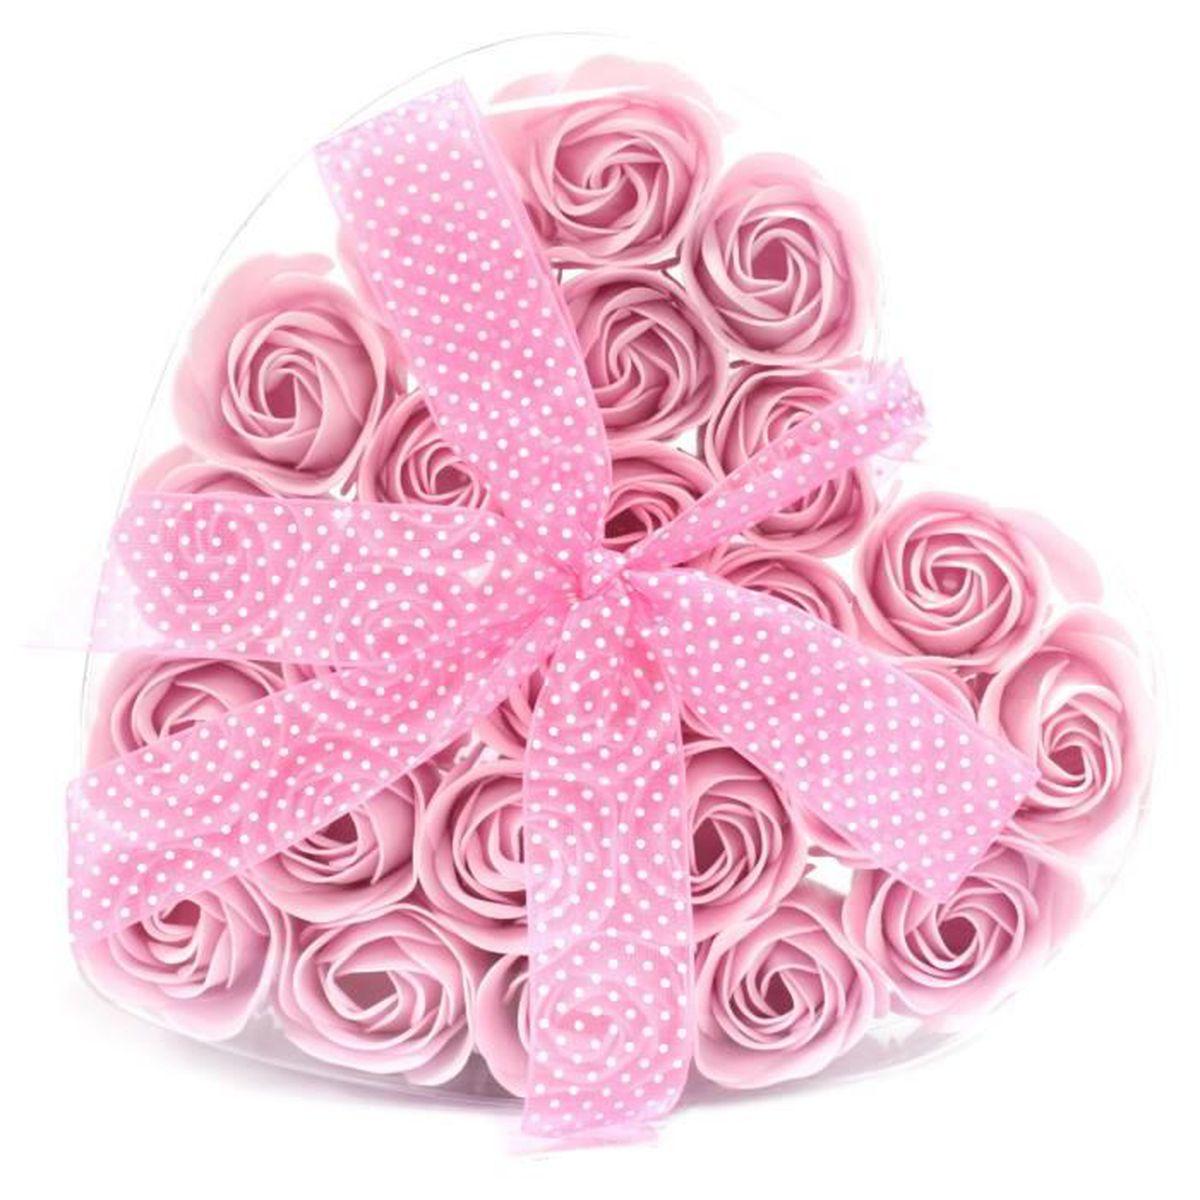 SAVON - SYNDETS Lot de 24 Roses de Savon Boite Coeur - Rose